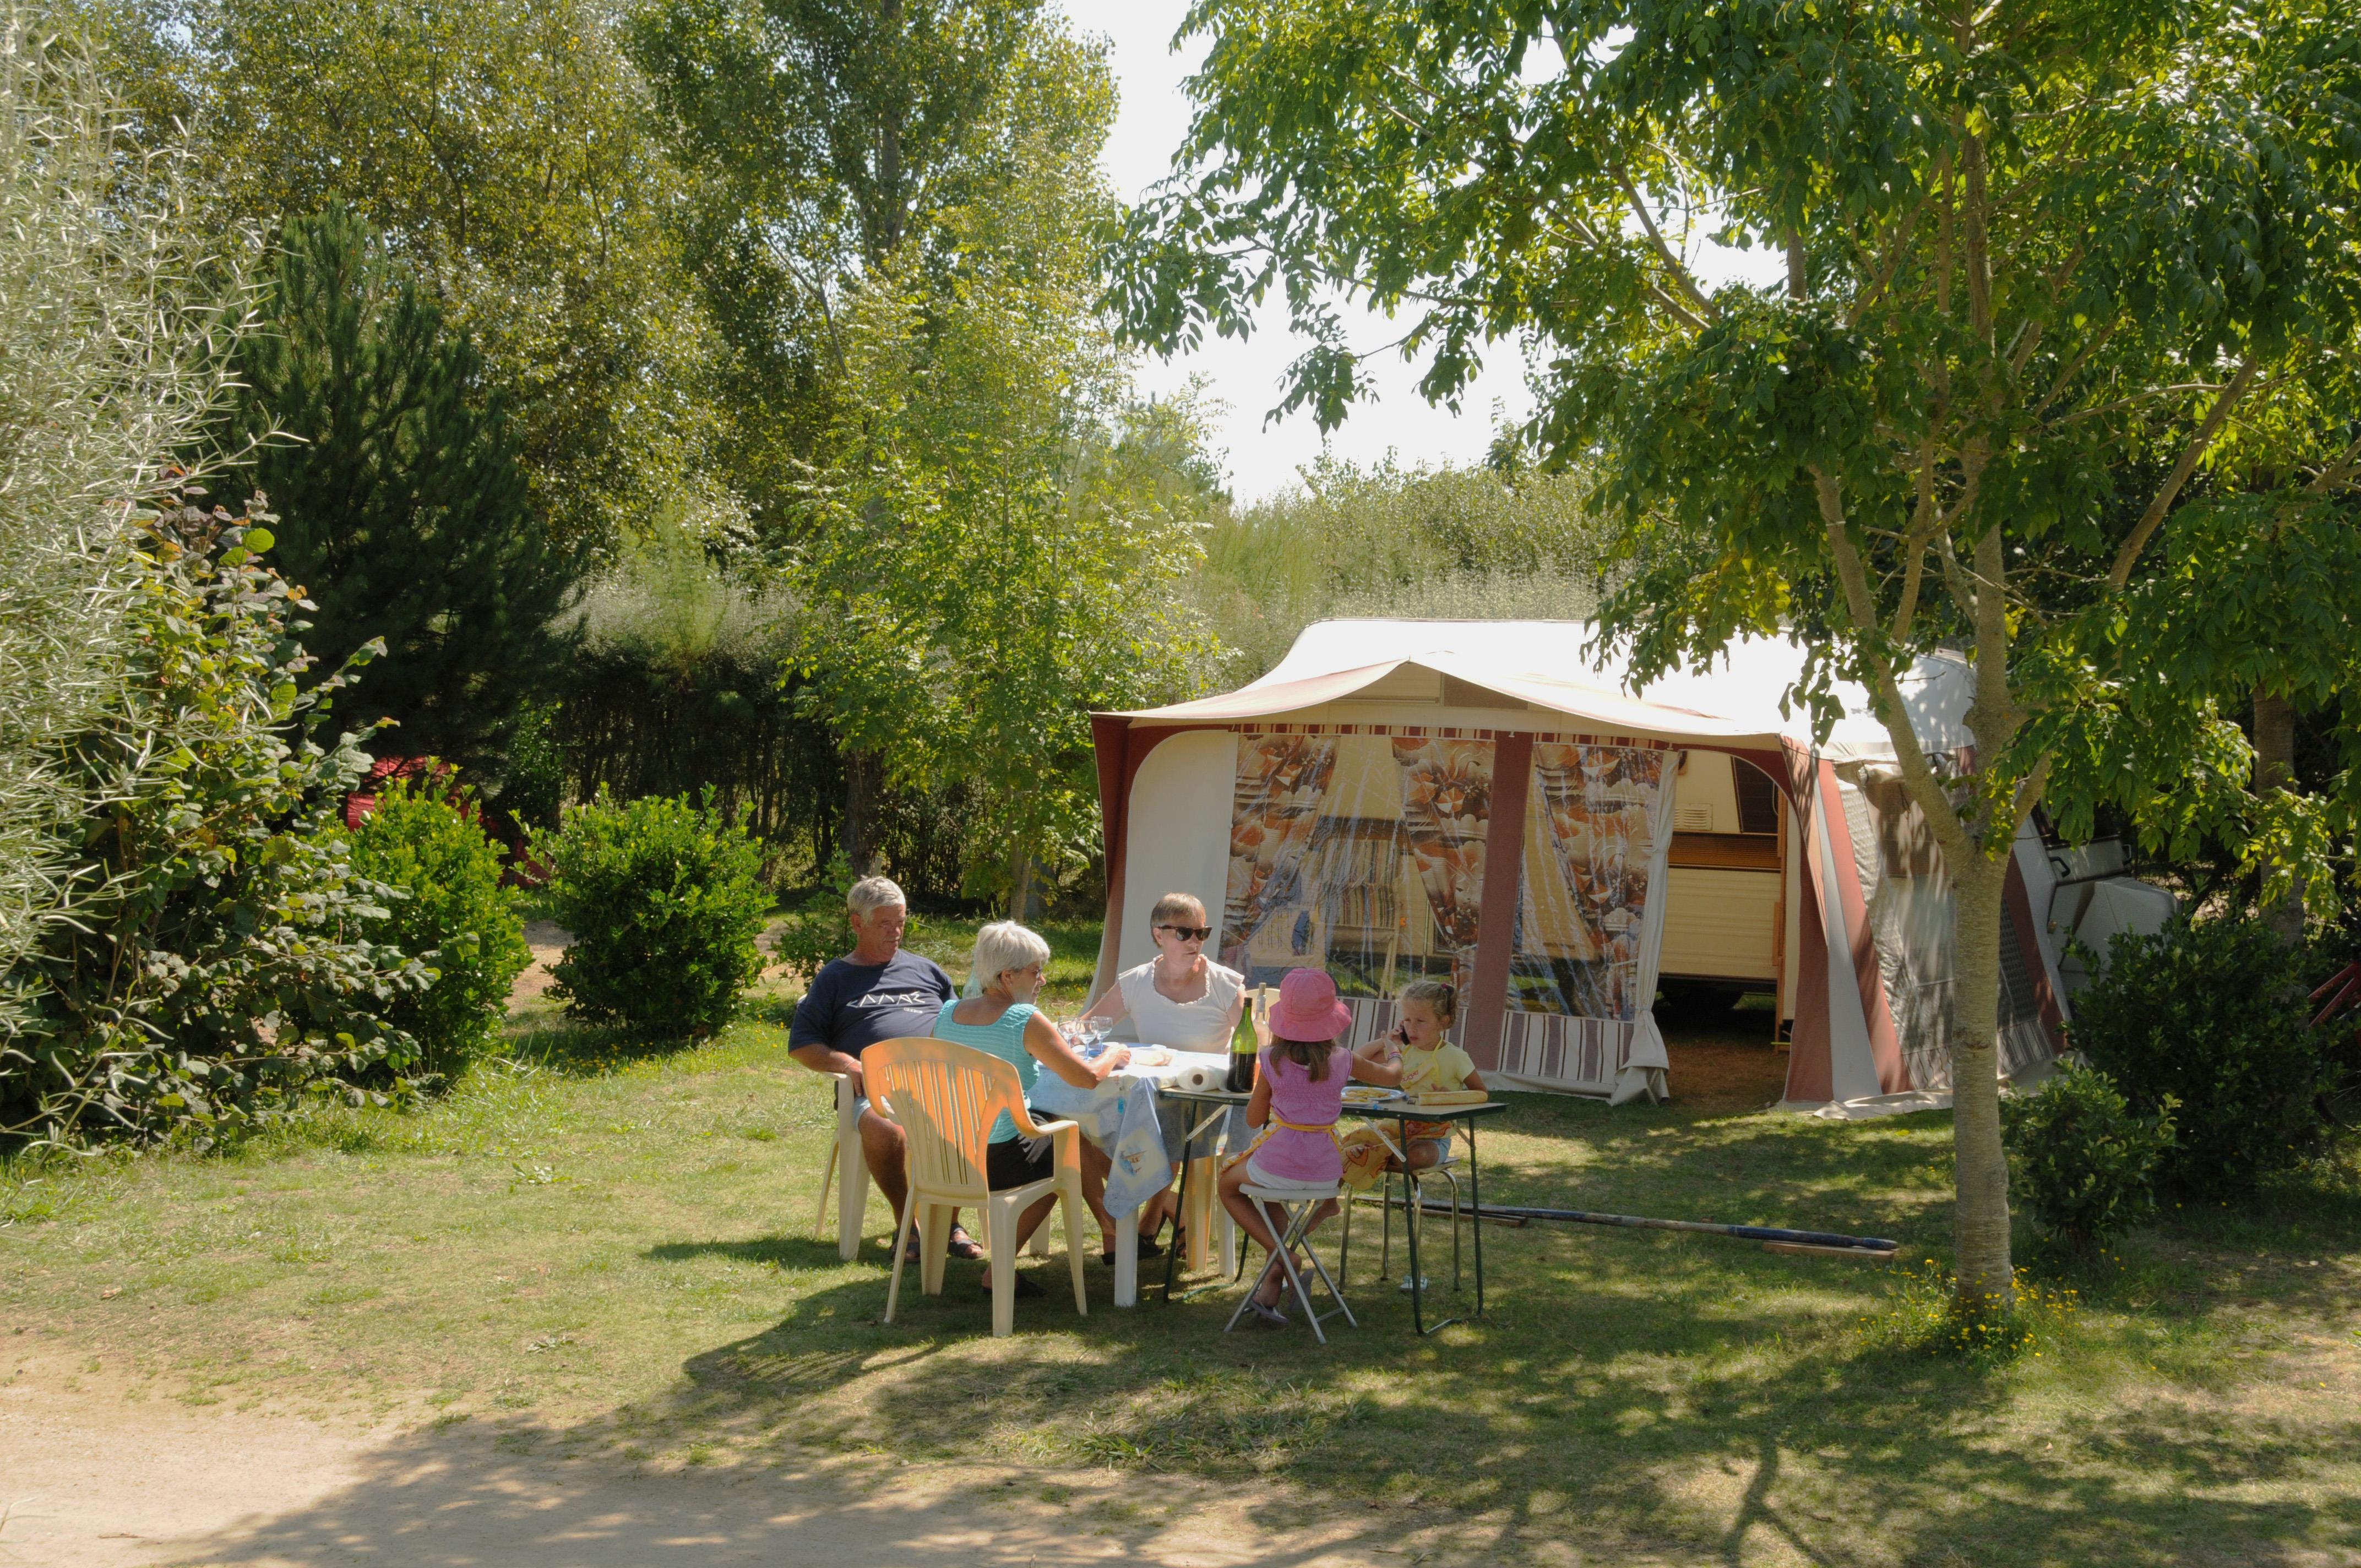 Emplacement - Forfait Confort (1 Tente, Caravane Ou Camping-Car / 1 Voiture / Électricité 10A) - Camping La Grande Plage